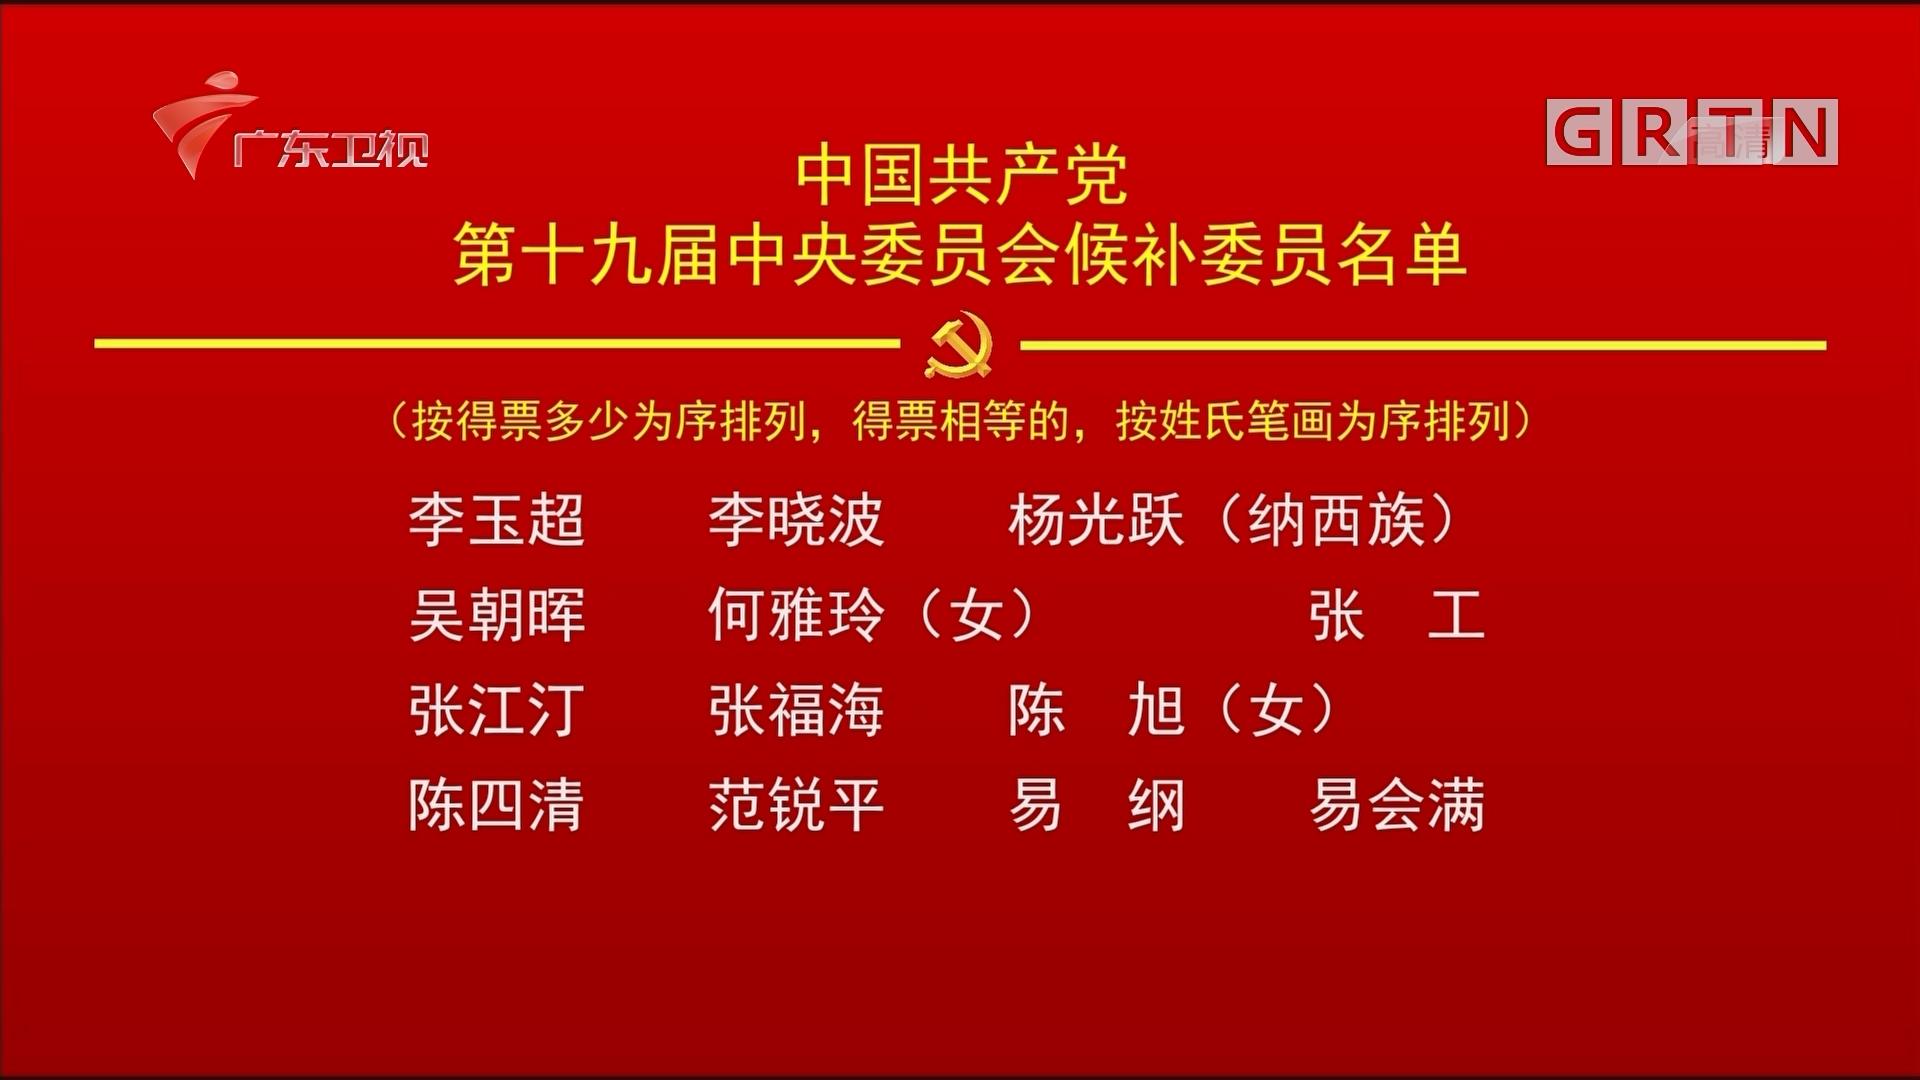 中国共产党第十九届中央委员会候补委员名单